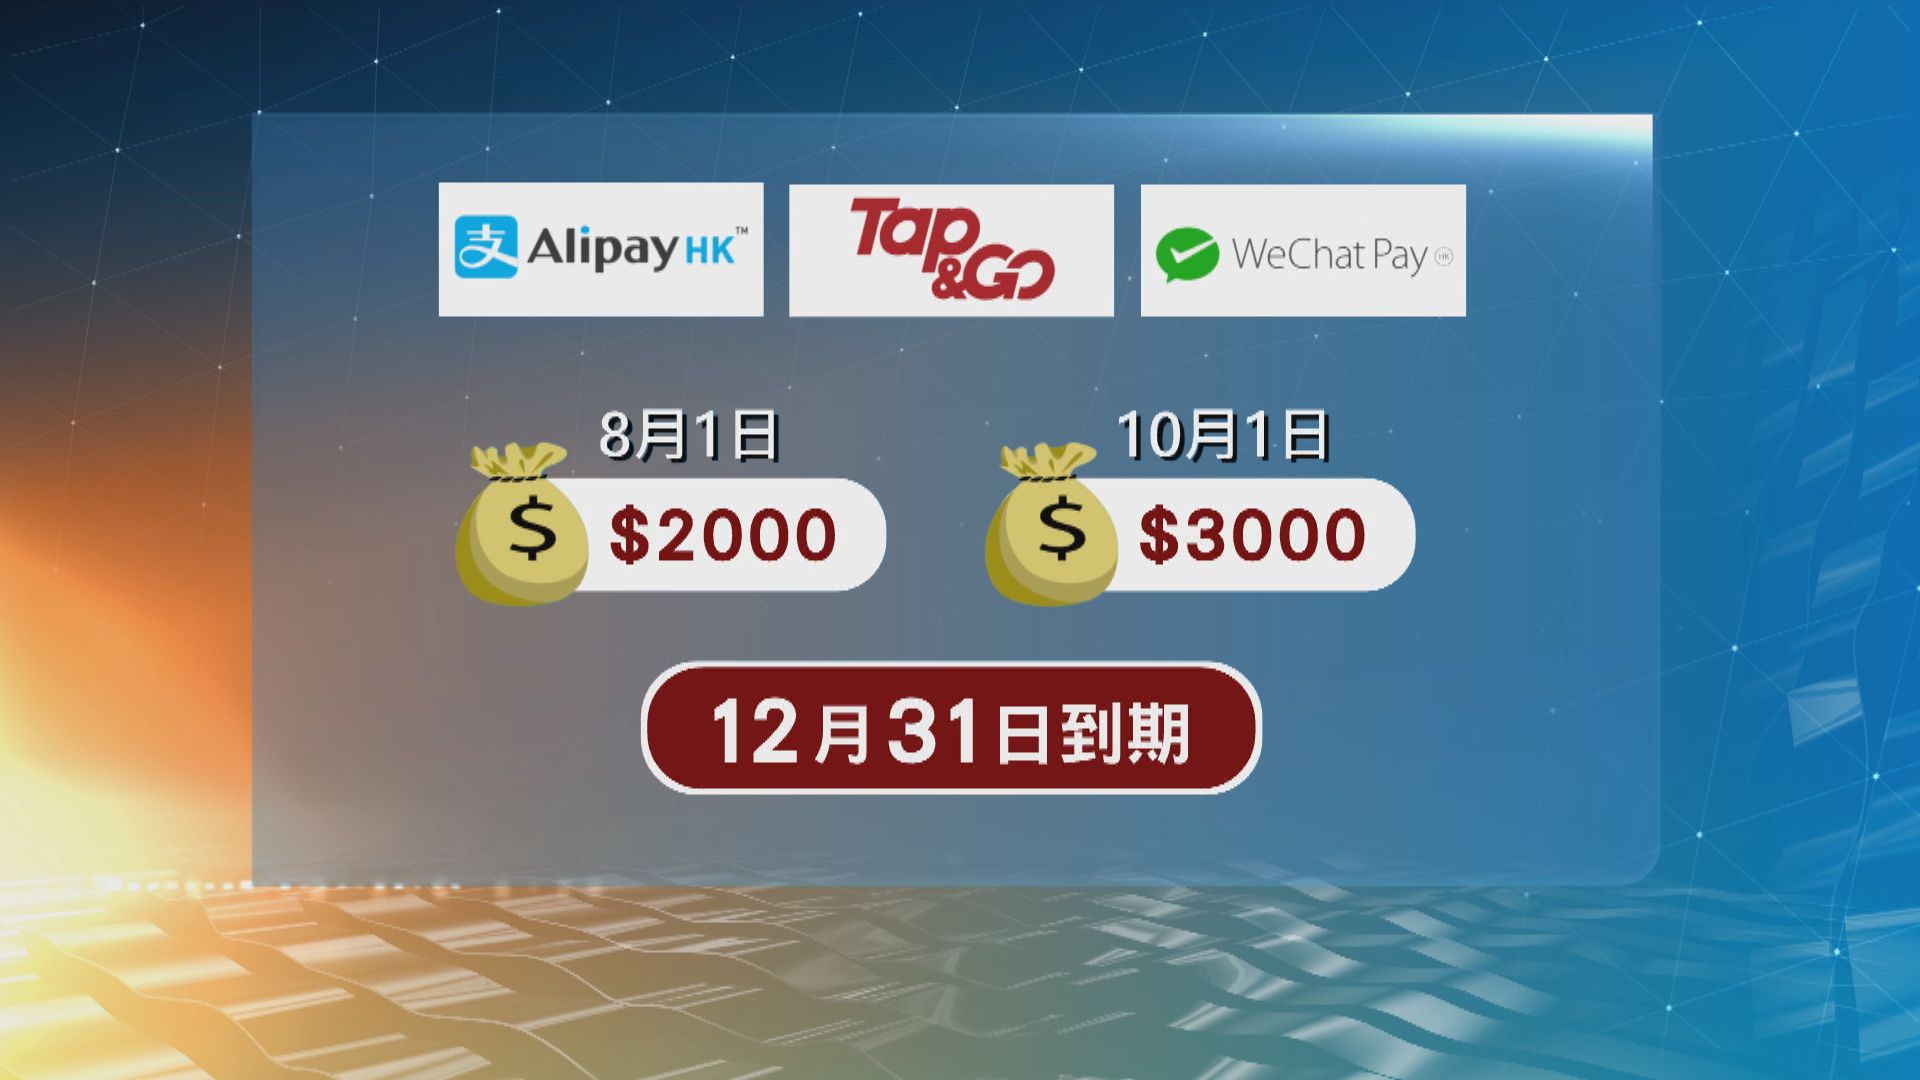 若選用Tap&Go等三種工具,最快8月1日取到2000元,兩個月後取到3000元,12月底到期前要用光金額